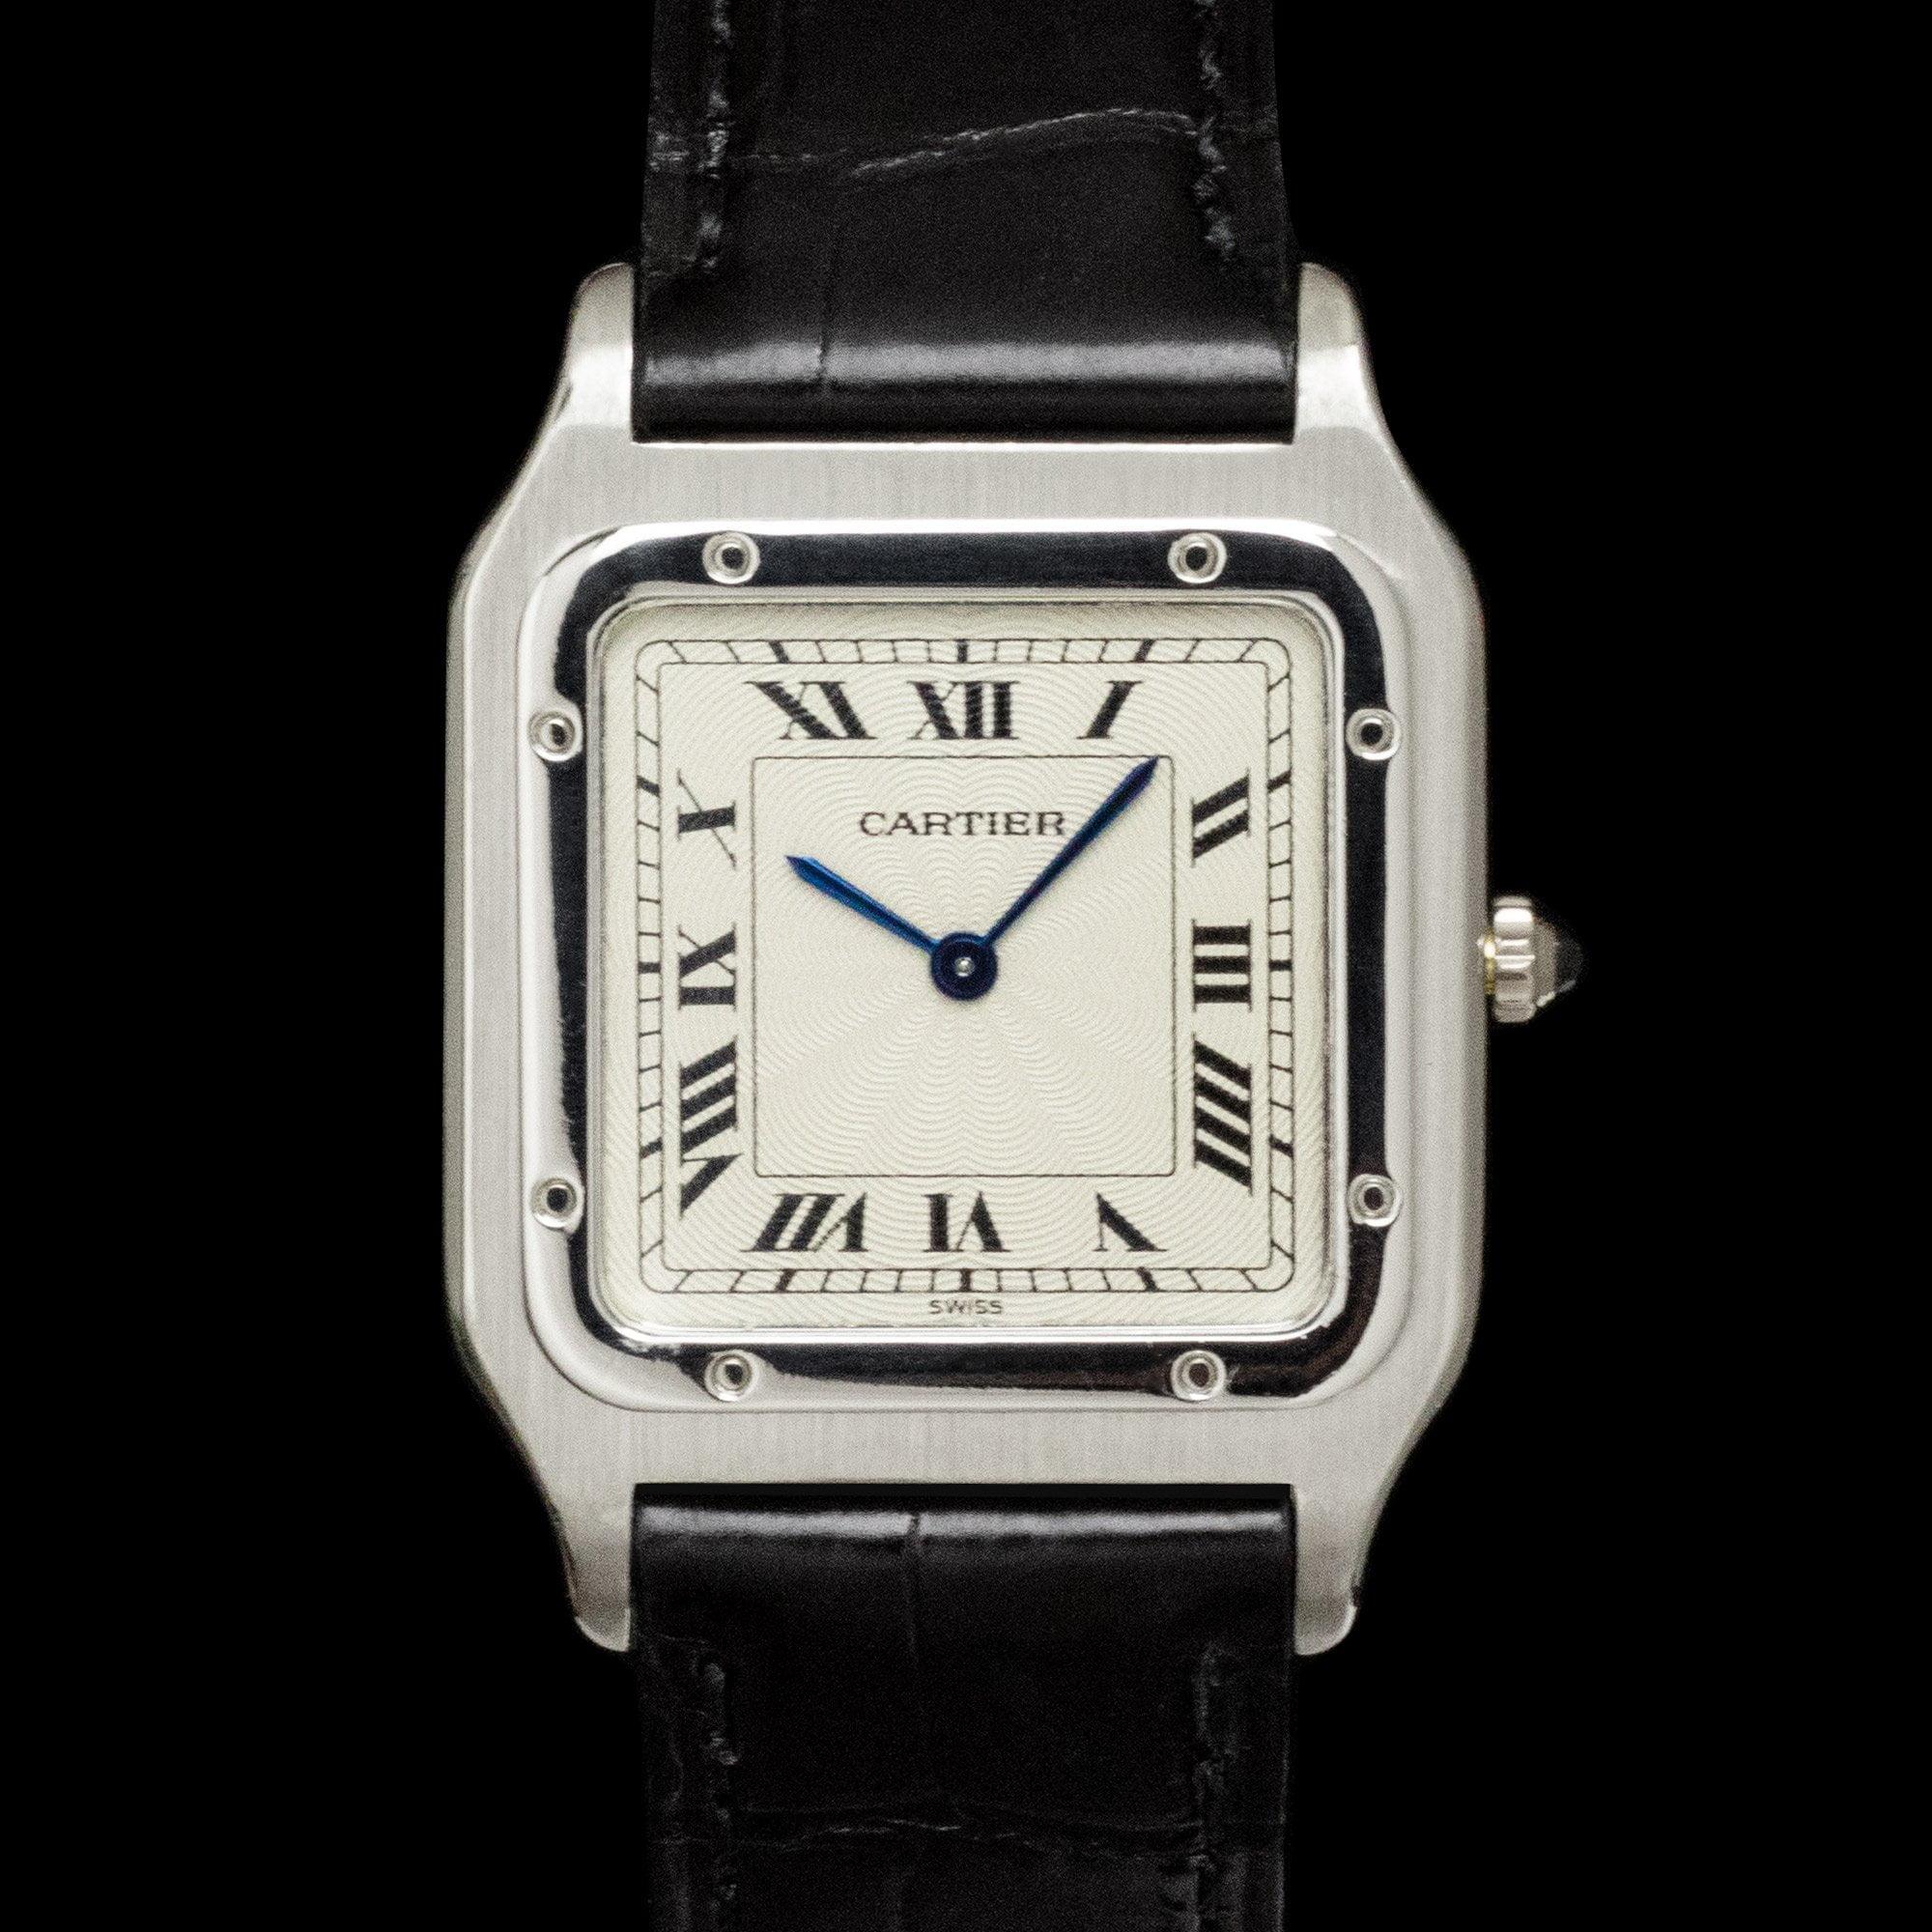 Cartier Santos Dumont 1575 'Platinum' - AMSTERDAM VINTAGE WATCHES